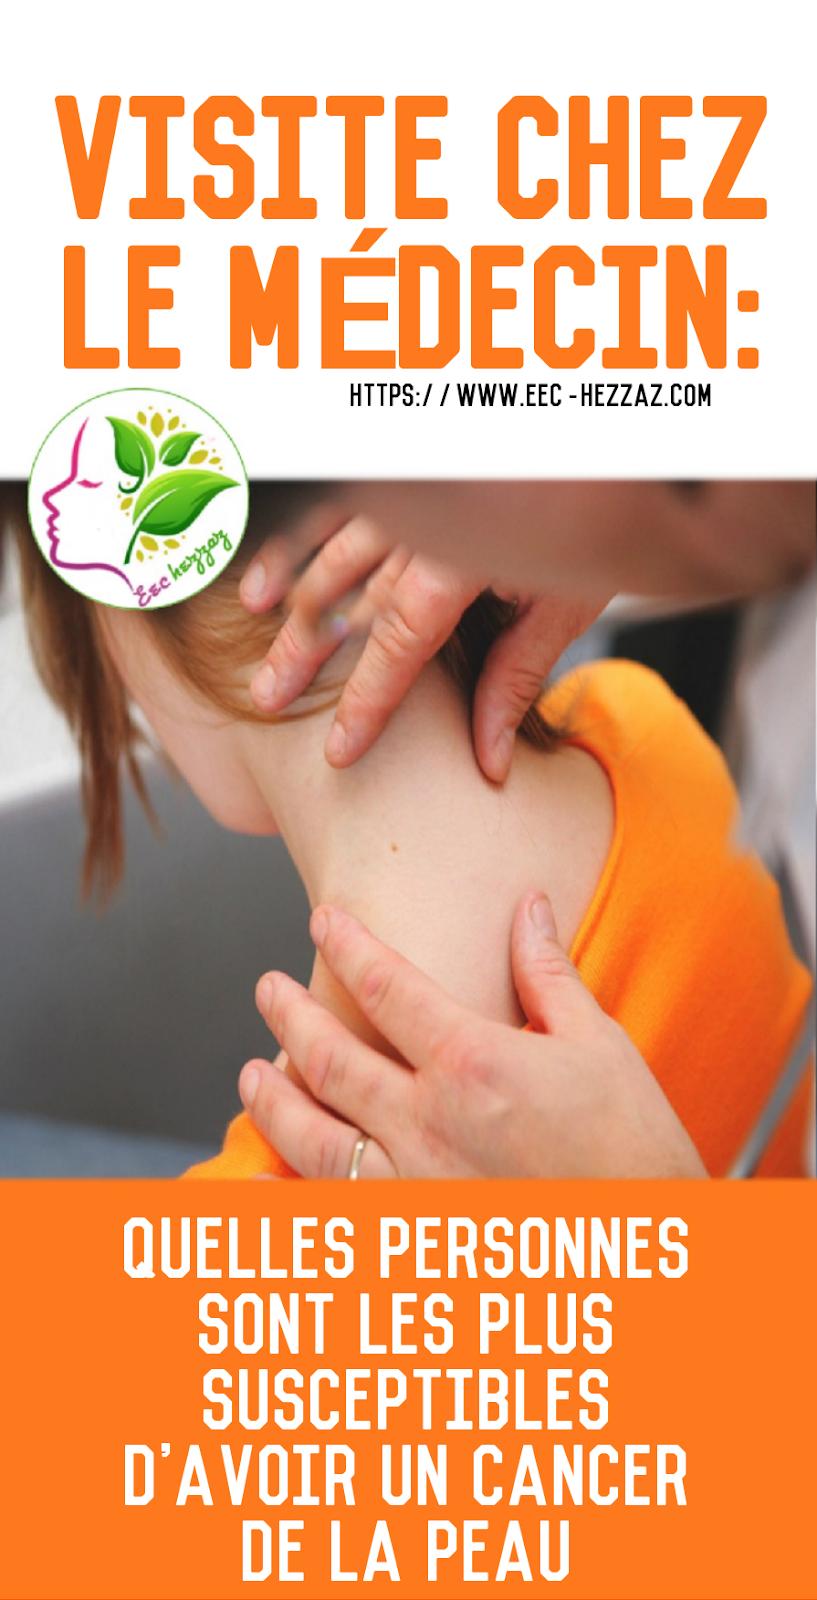 Visite chez le médecin: quelles personnes sont les plus susceptibles d'avoir un cancer de la peau